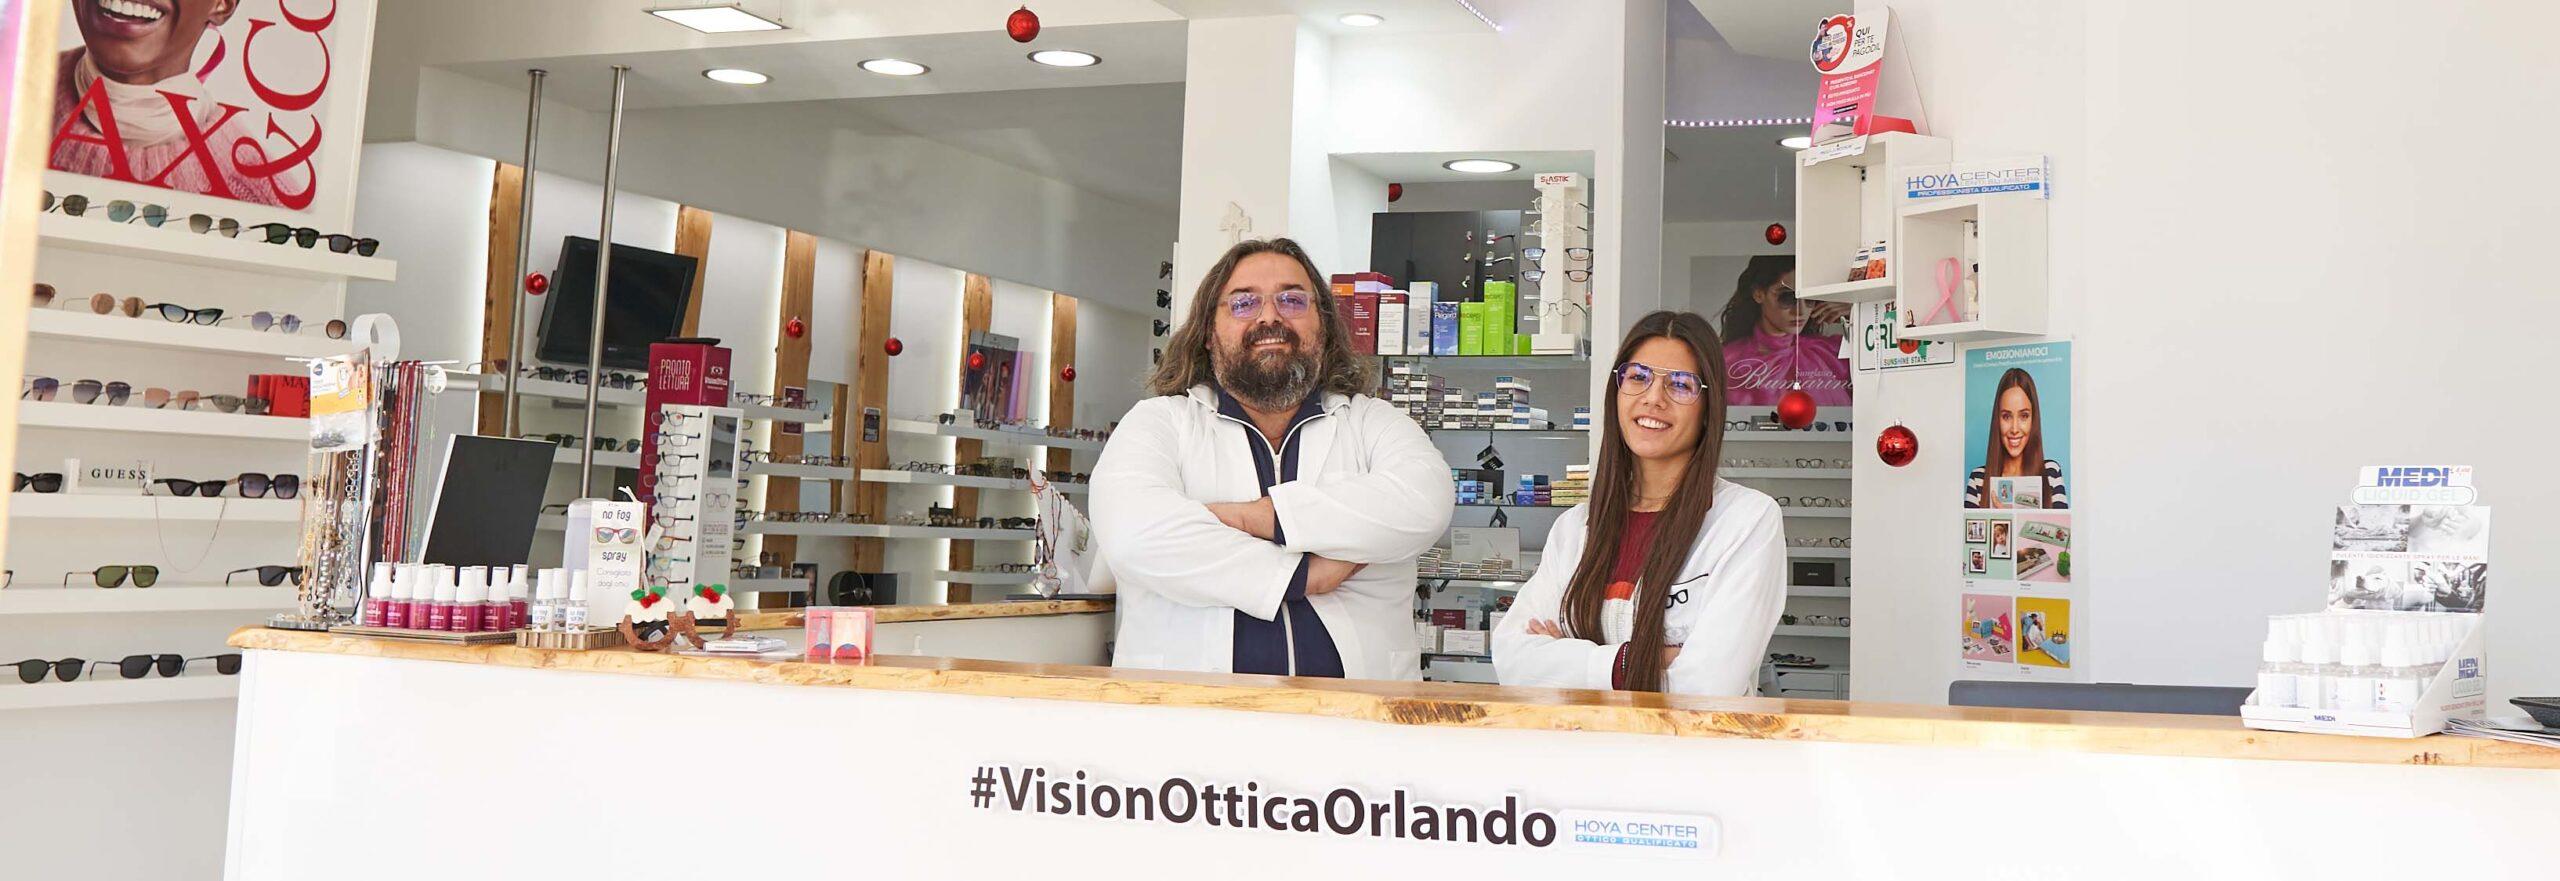 Visionottica Orlando Policoro chi siamo